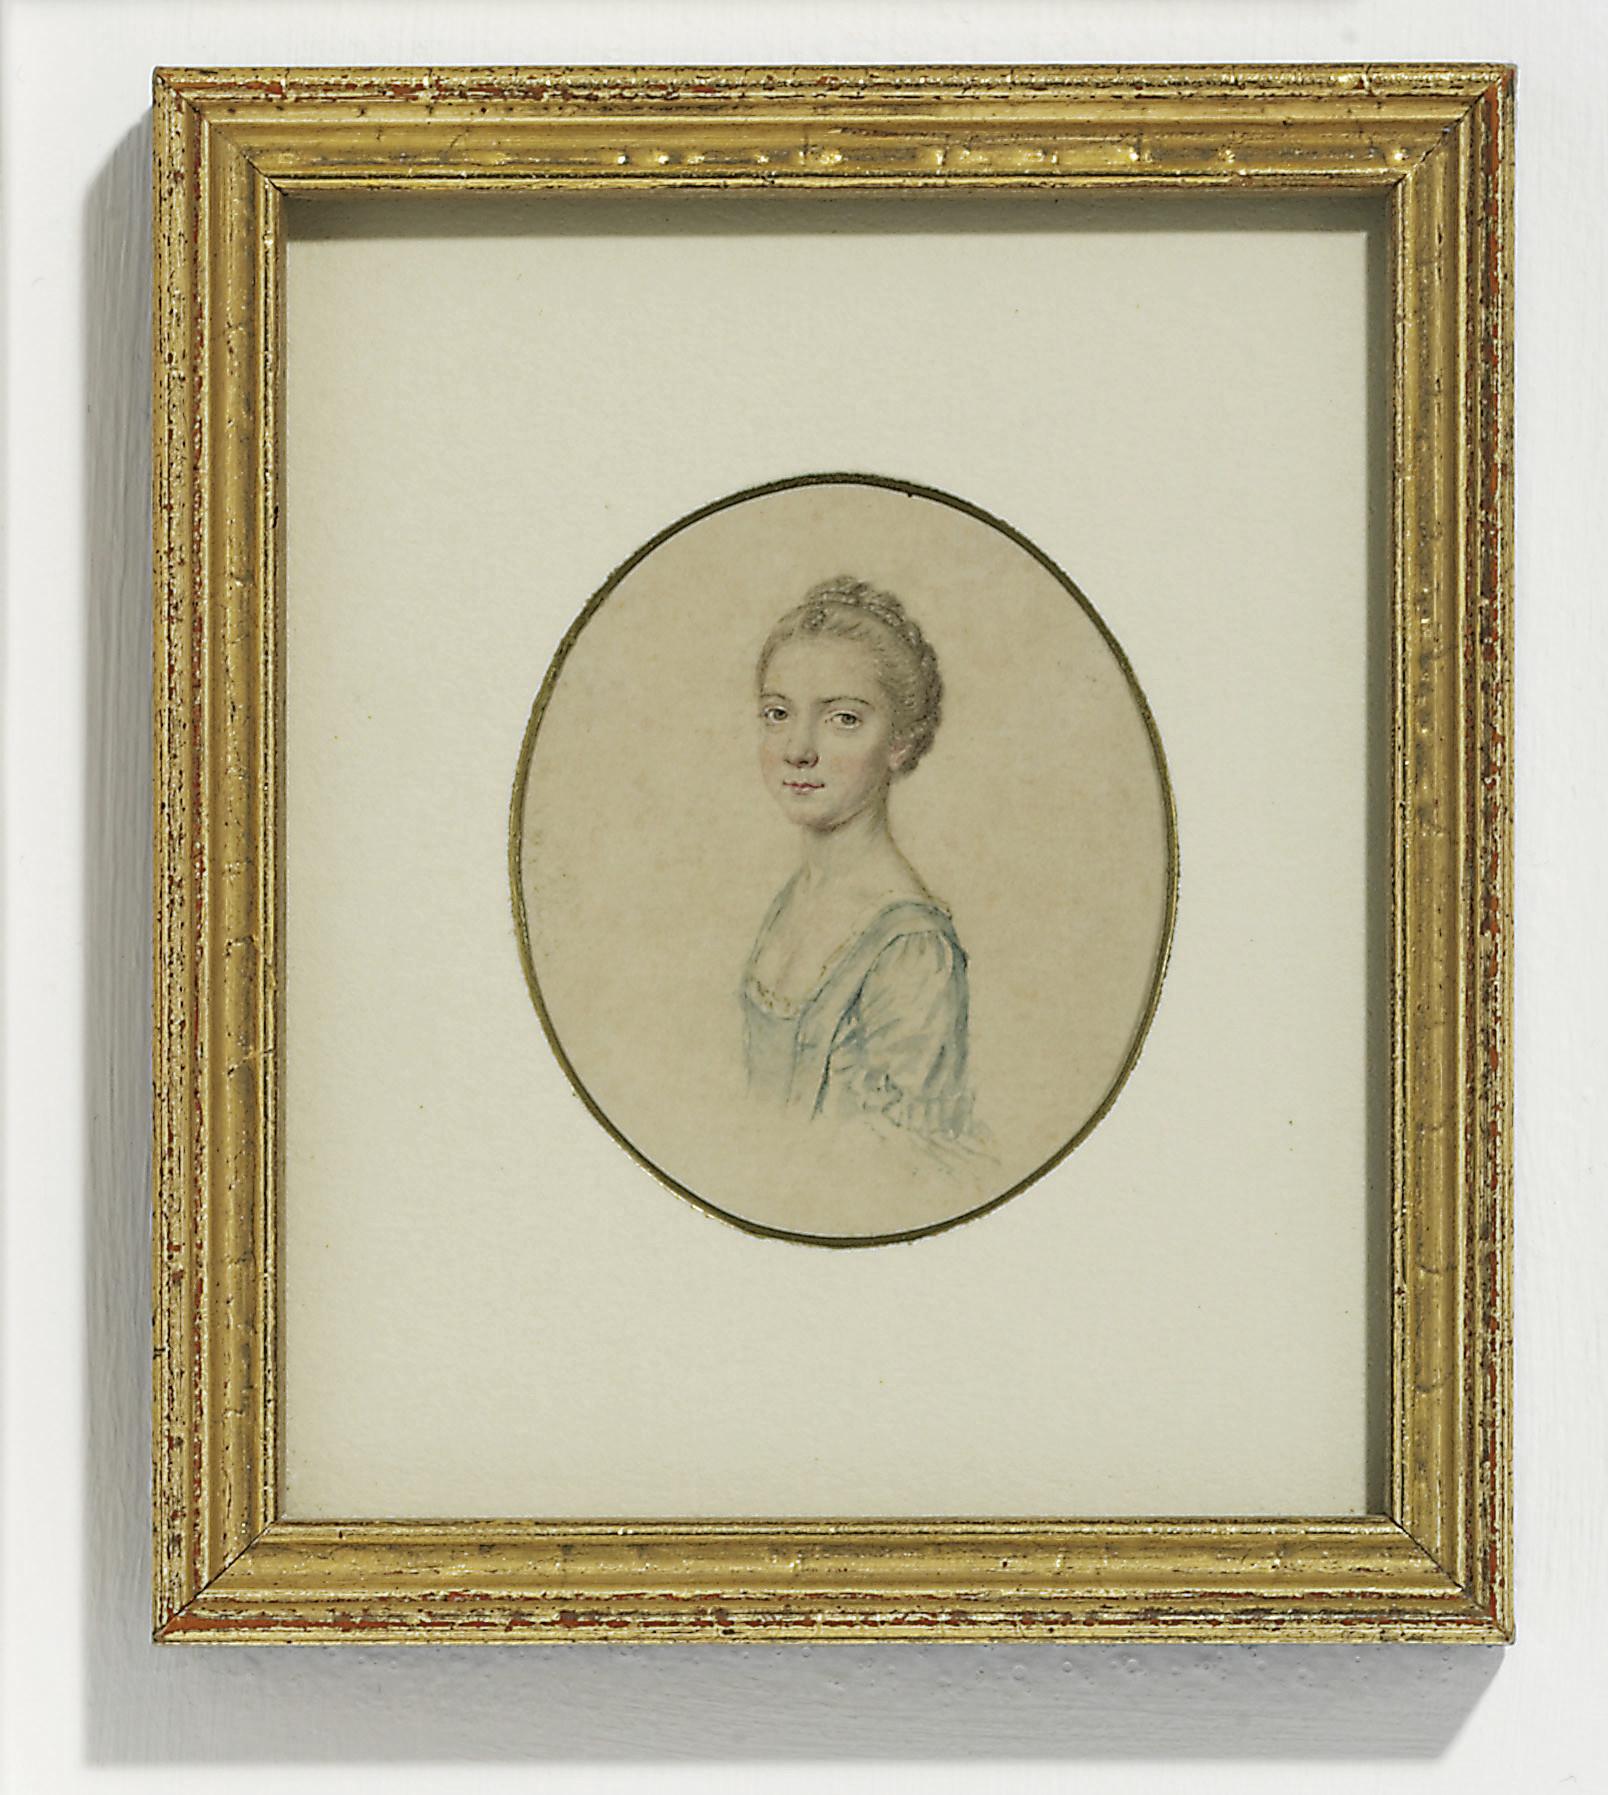 JOHN SMART  (BRITISH, 1742/43-